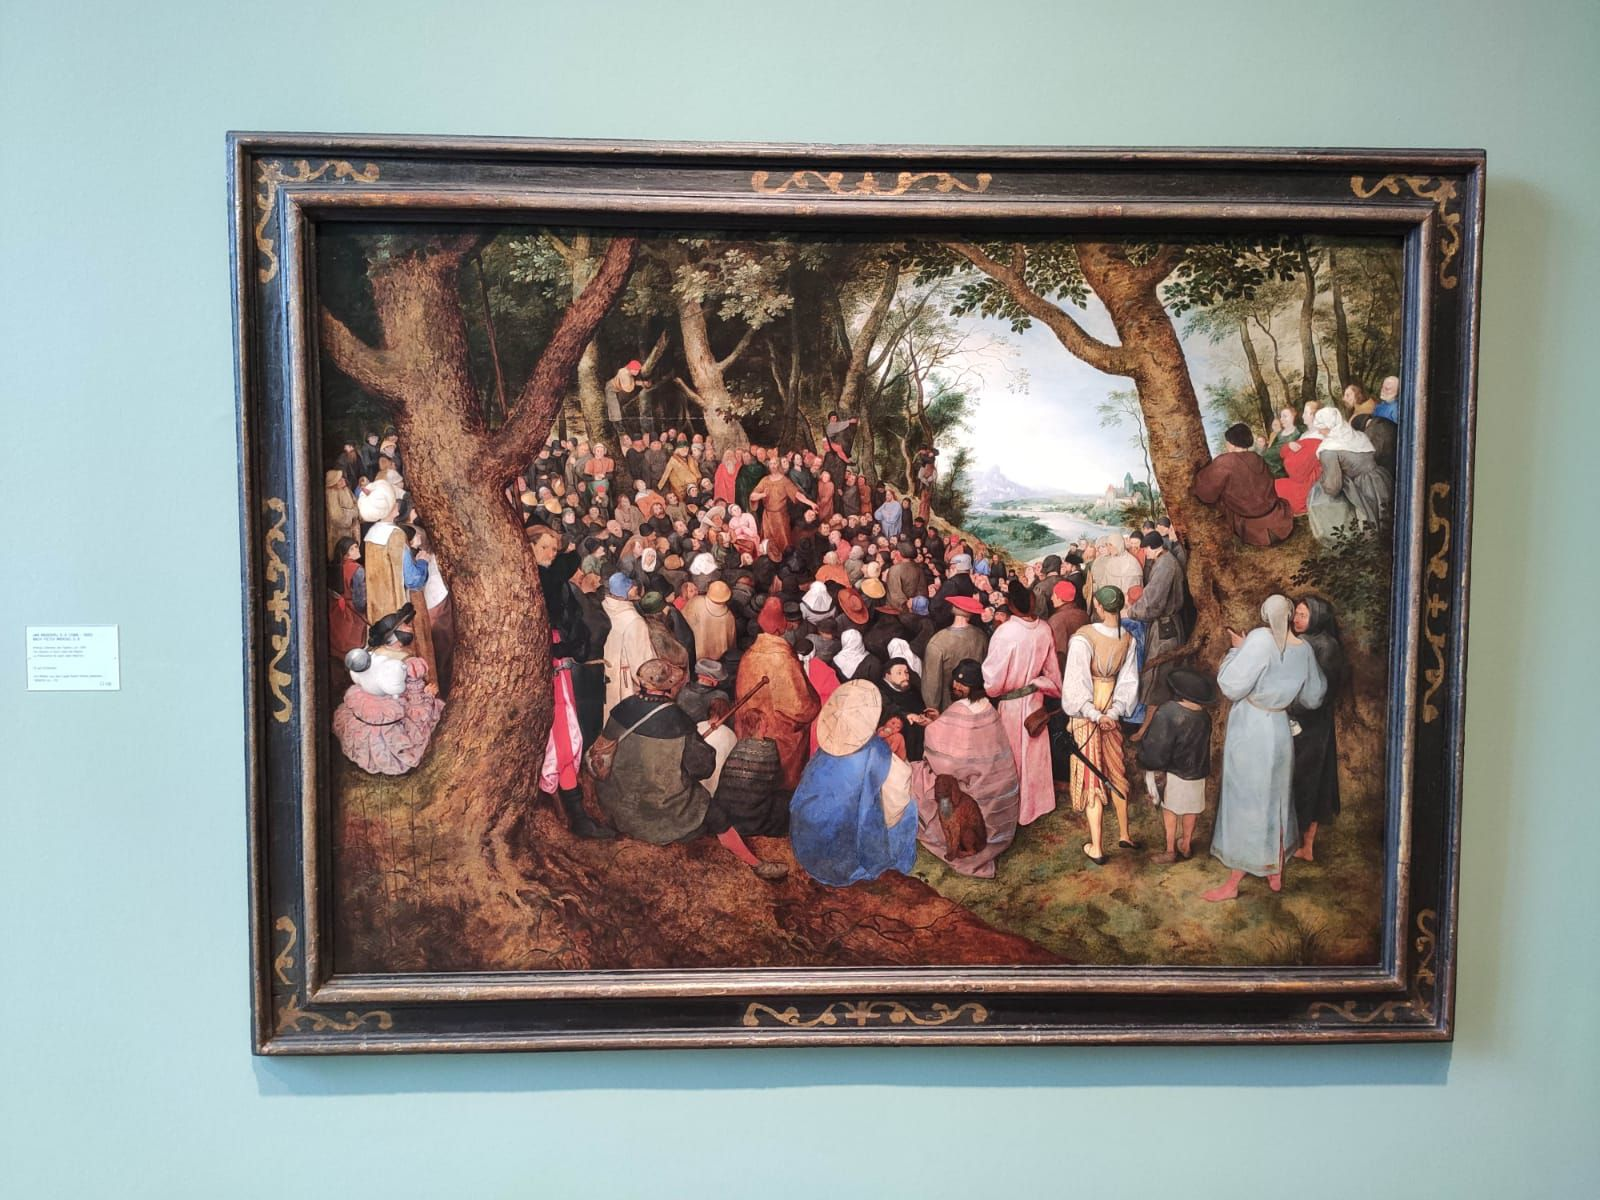 huile sur bois de chêne - Kunstmuseum de Bâle - Ph. M. F.